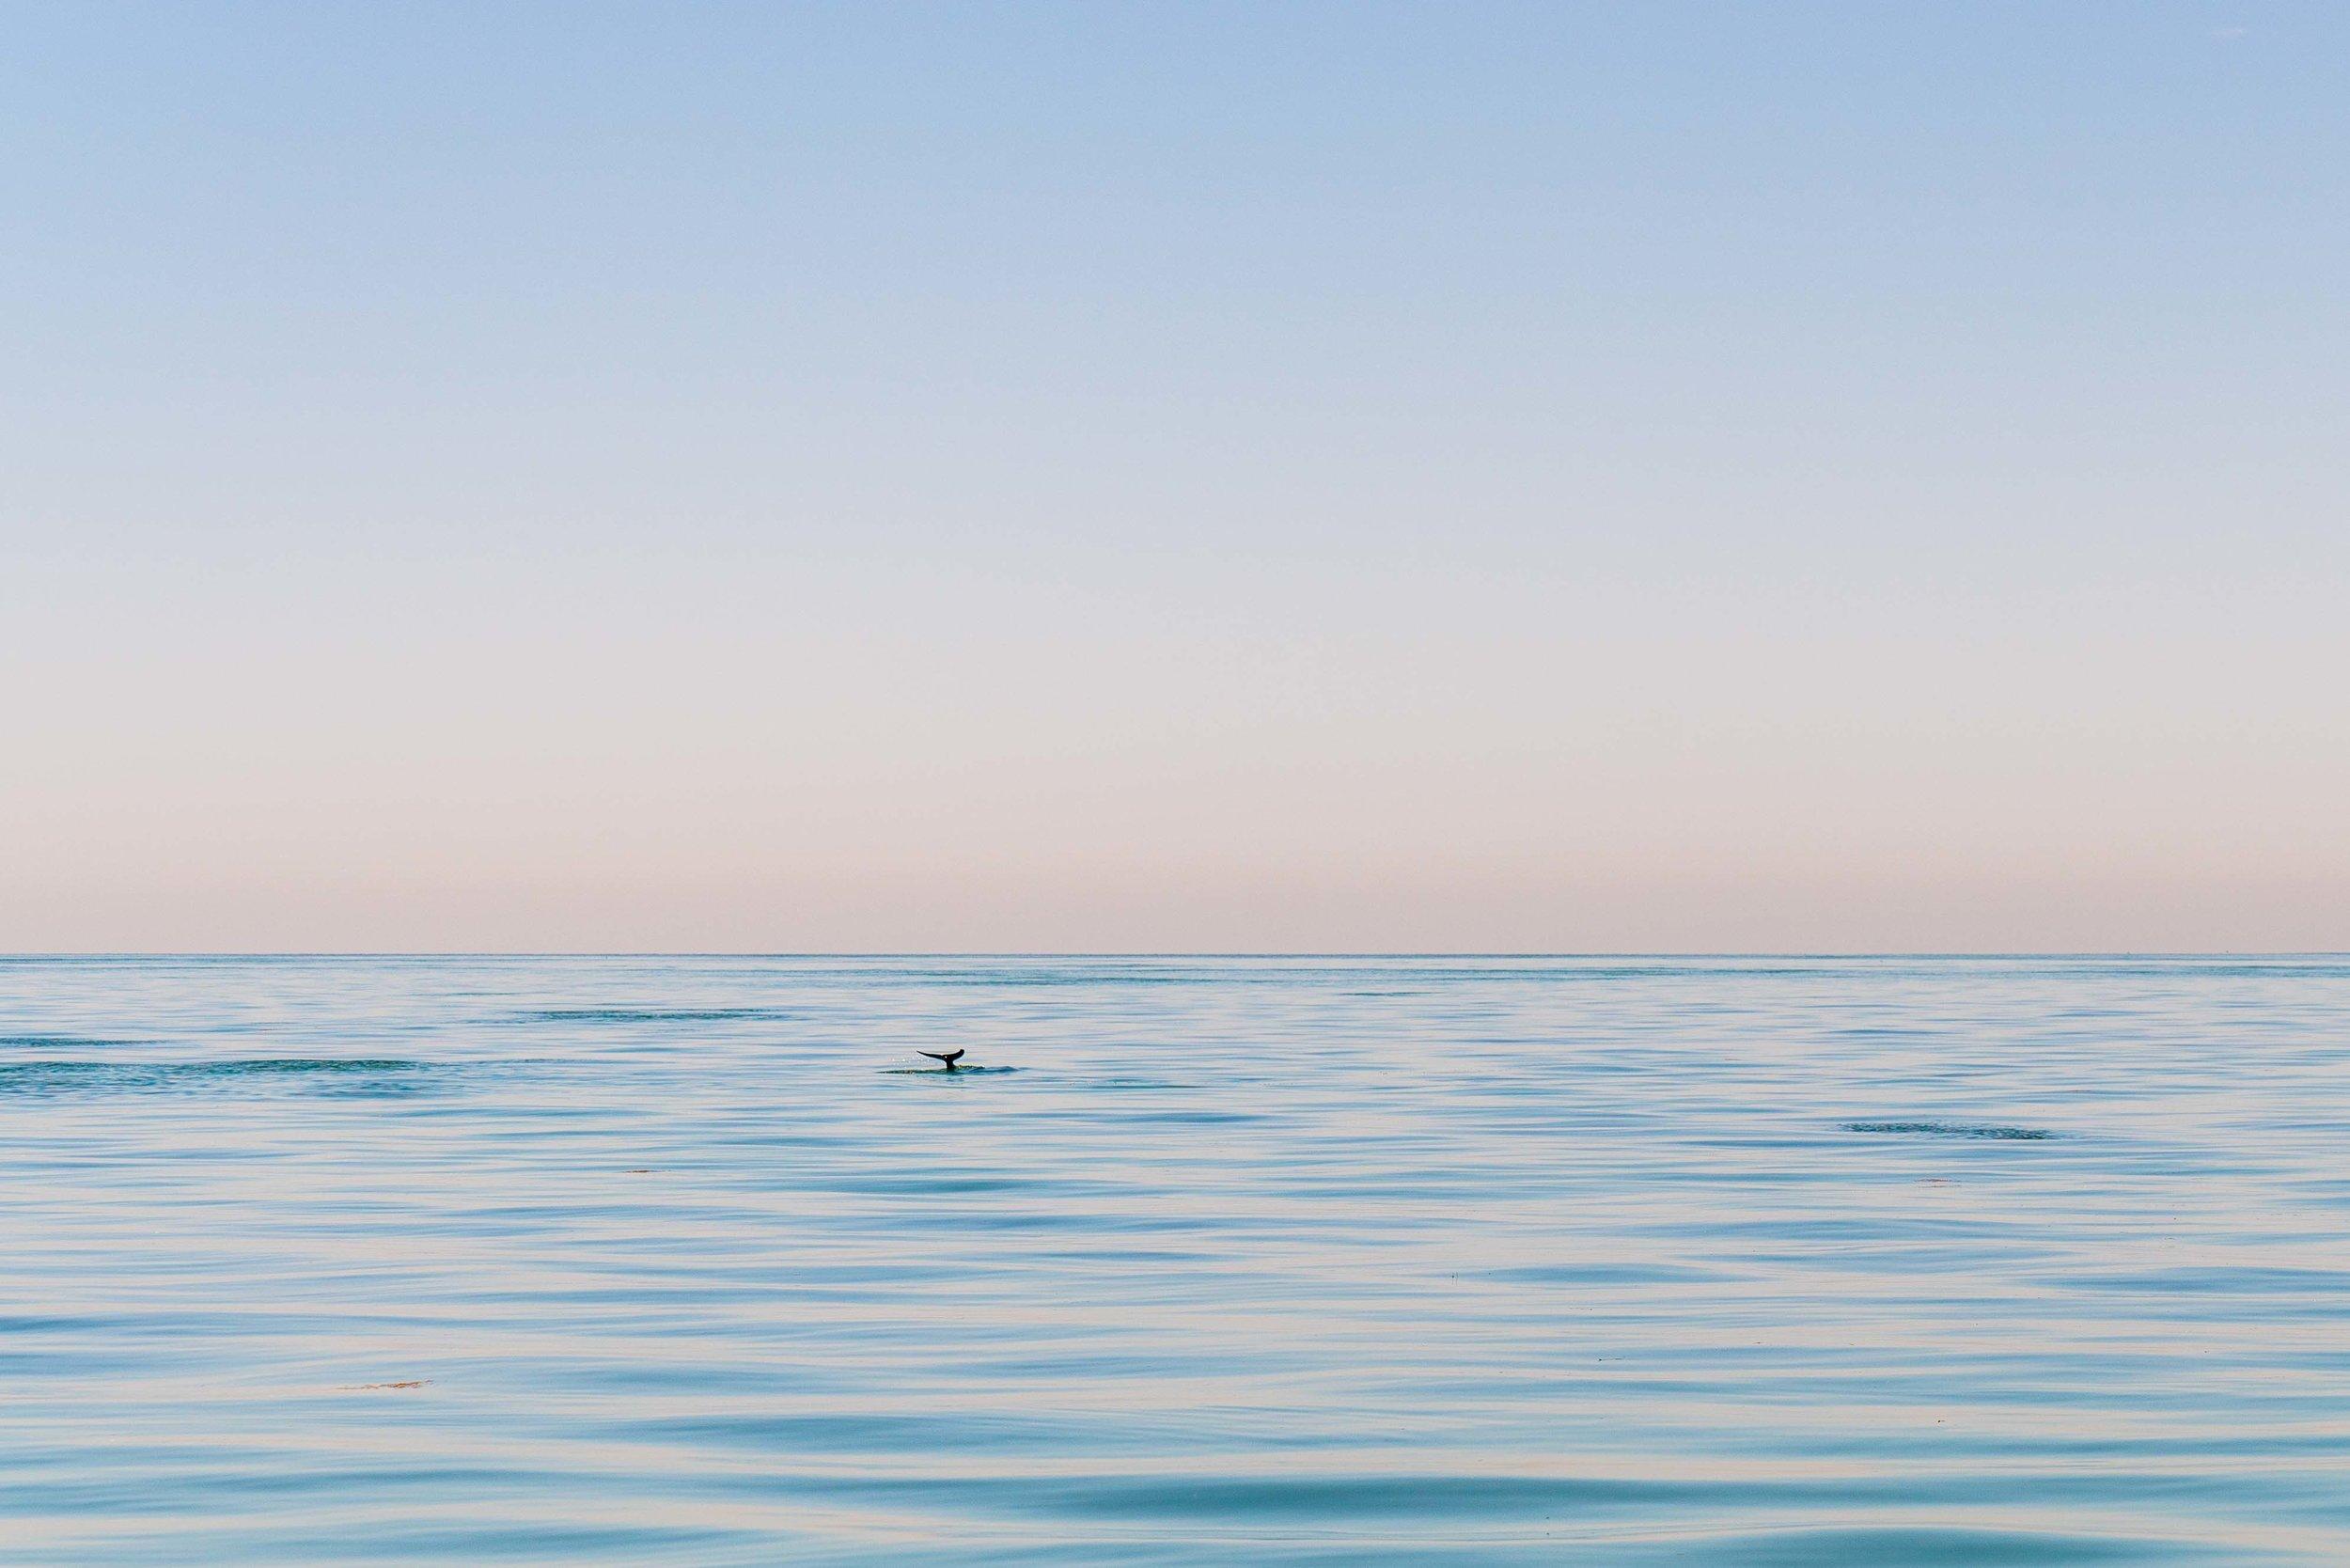 dolphin-1.jpg